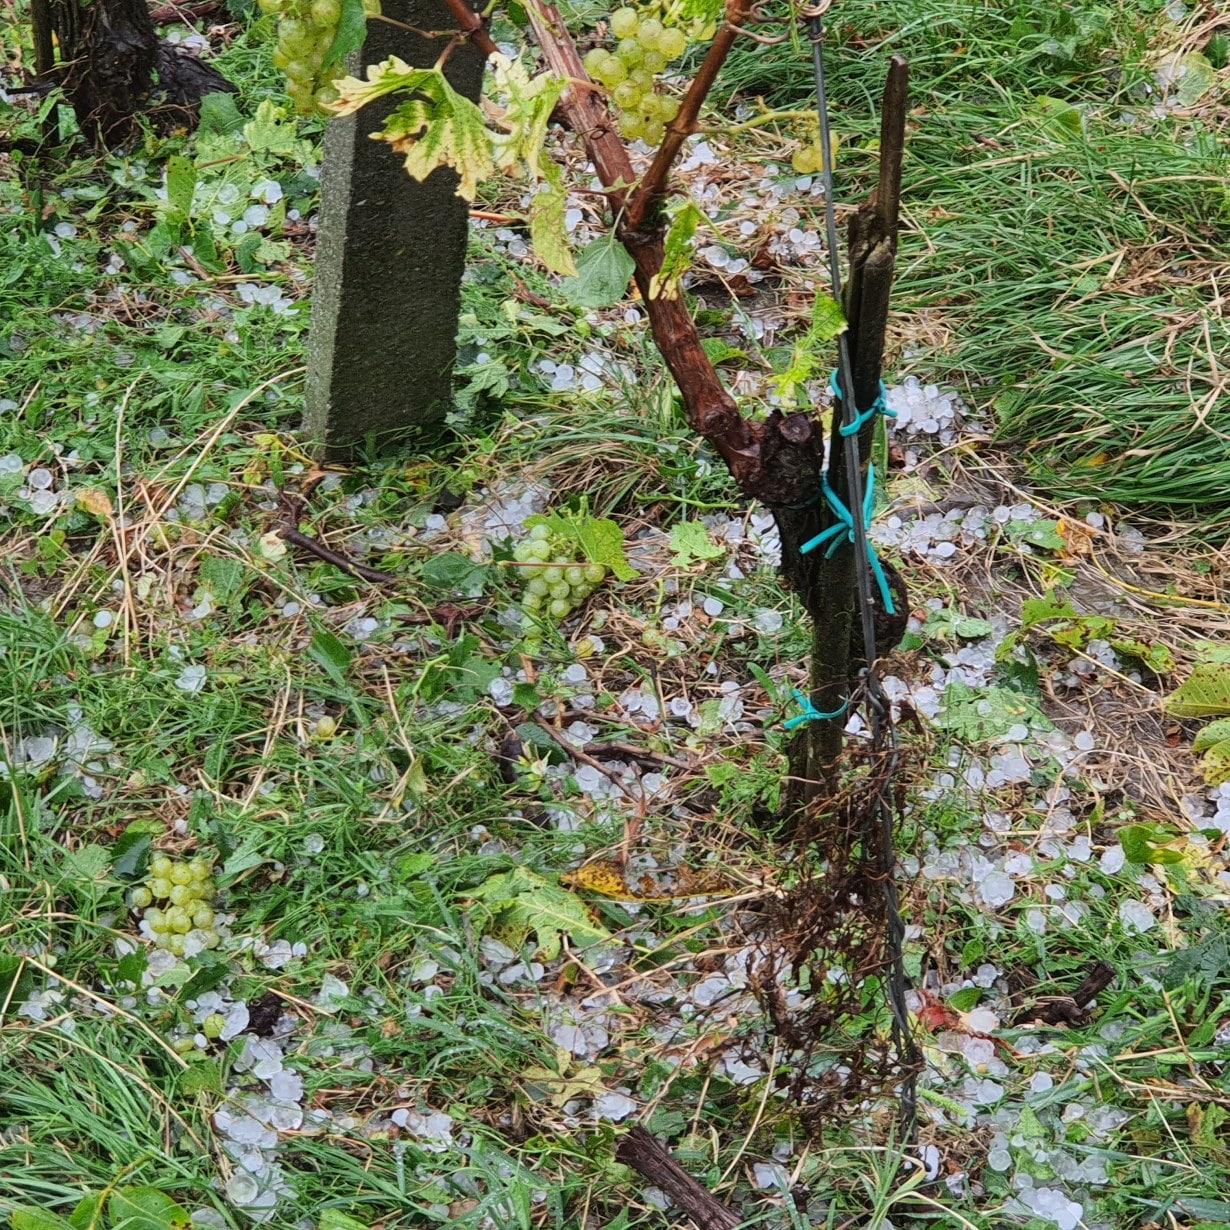 Posledice neurja v Gomili pri Kogu. Foto: Bojan Šterman